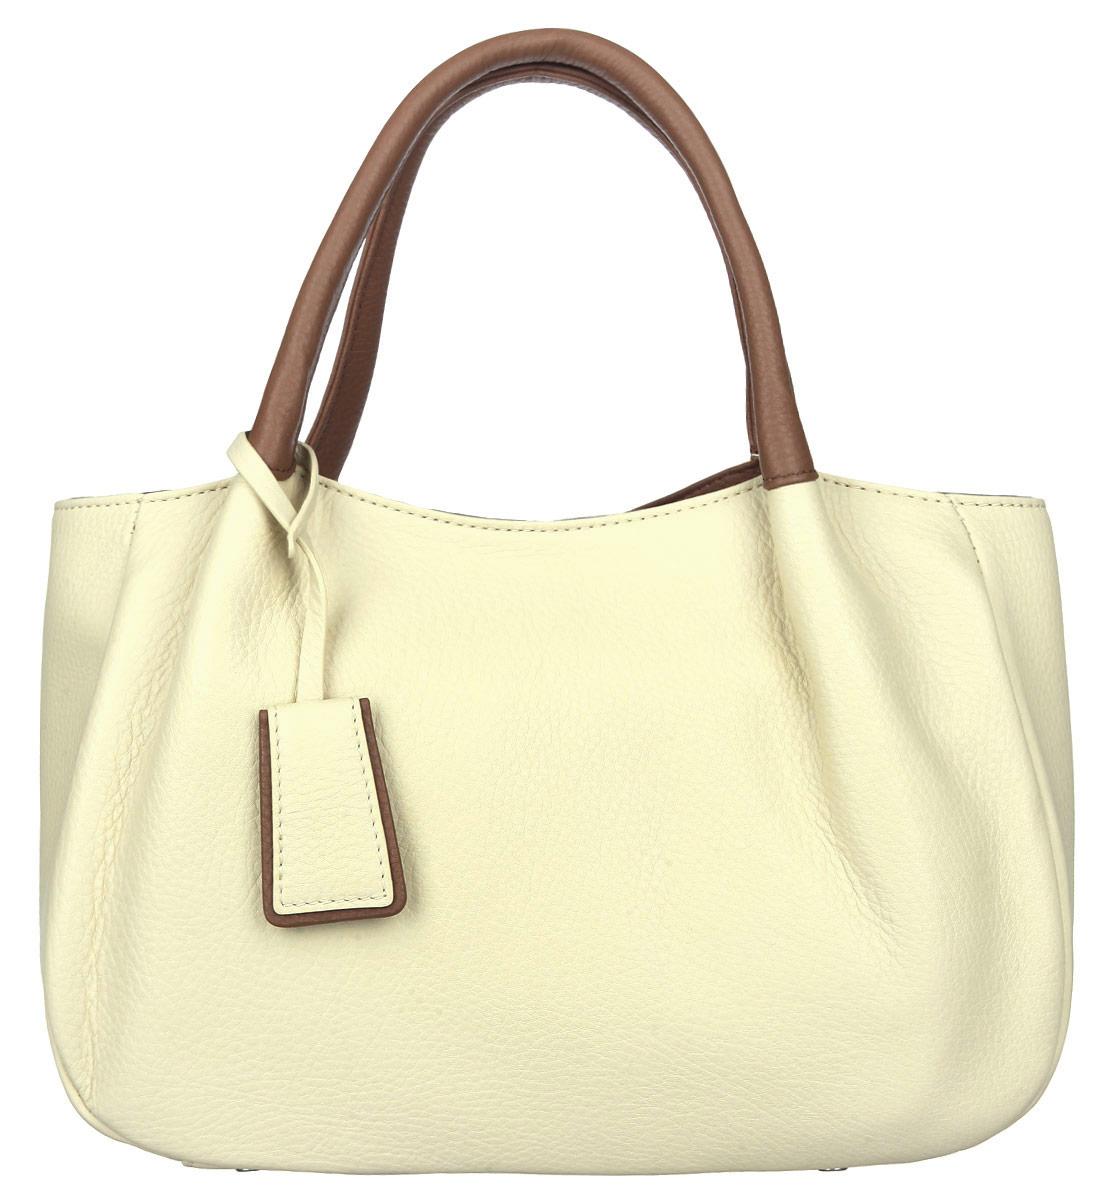 Сумка женская Palio, цвет: коричневый, светло-желтый. 13684AS3-W1-152/774967-637T-17s-01-42Стильная женская сумка Palio выполнена из натуральной кожи с зернистой фактурой, оформлена металлической фурнитурой.Изделие содержит одно отделение, которое закрывается на молнию. Внутри расположены: два накладных кармашка для мелочей, карман-средник на молнии и врезной карман на молнии. На задней стороне сумки, расположен врезной карман на застежке-молнии. Сумка оснащена двумя практичными ручками для переноски и съемным плечевым ремнем регулируемой длины.Оригинальный аксессуар позволит вам завершить образ и быть неотразимой.